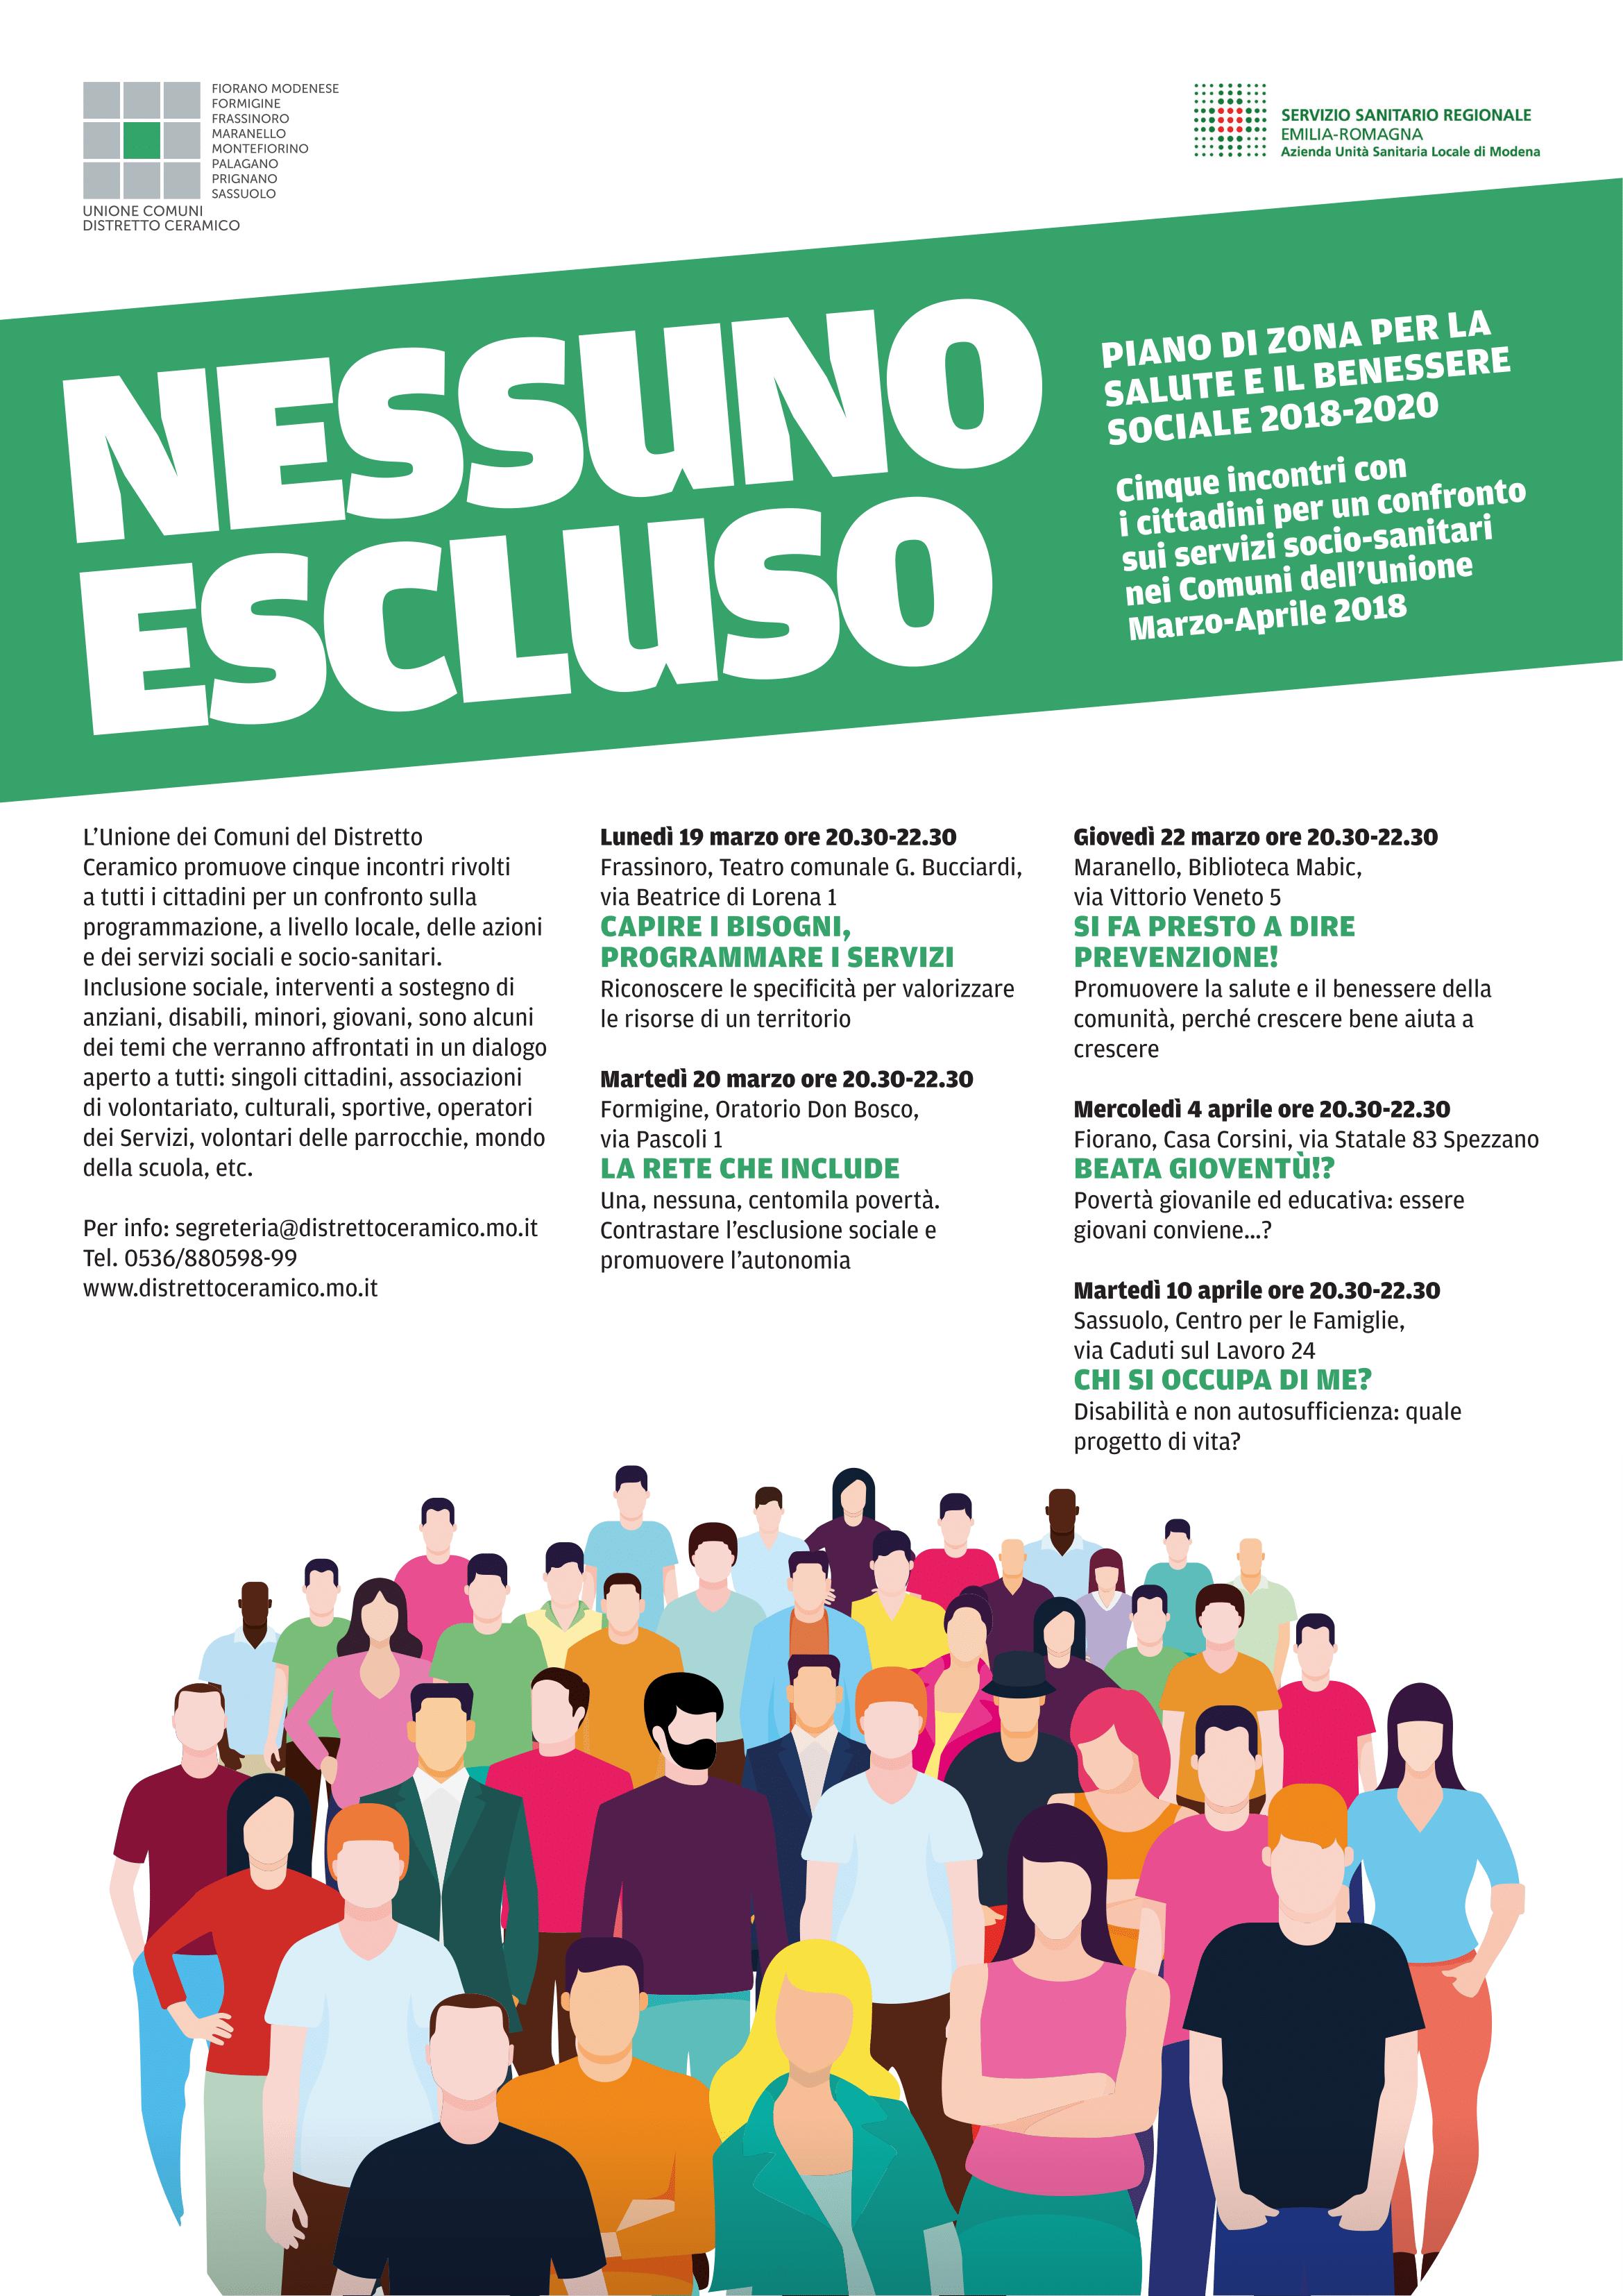 Nessuno Escluso Piano Di Zona Per La Salute E Il Benessere Sociale 2018 2020 Casa Corsini